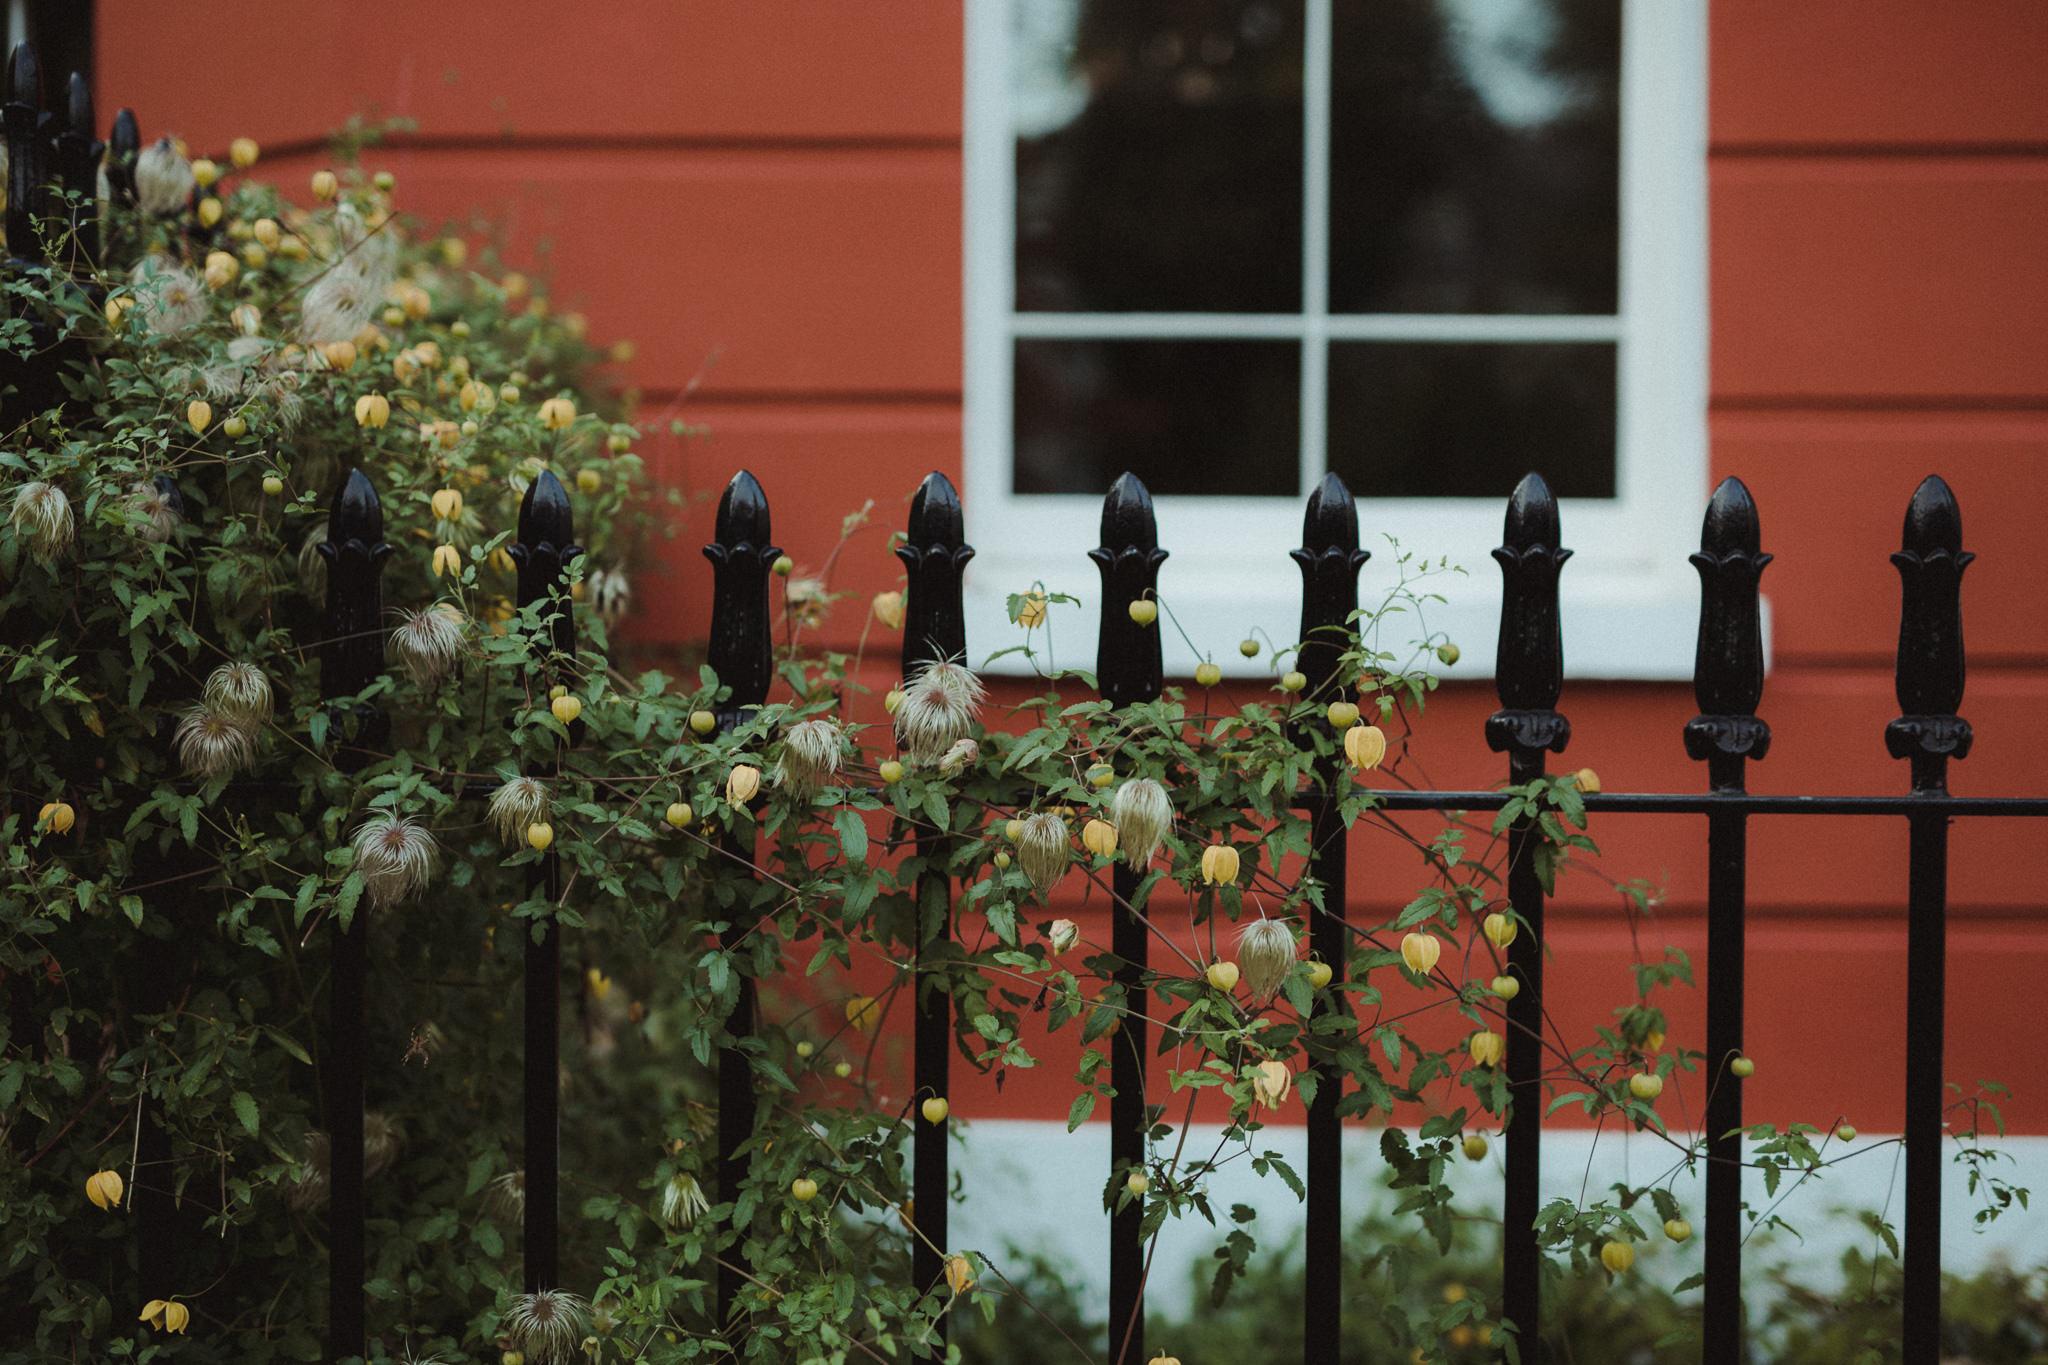 sara-tim-london-engagement_35.jpg